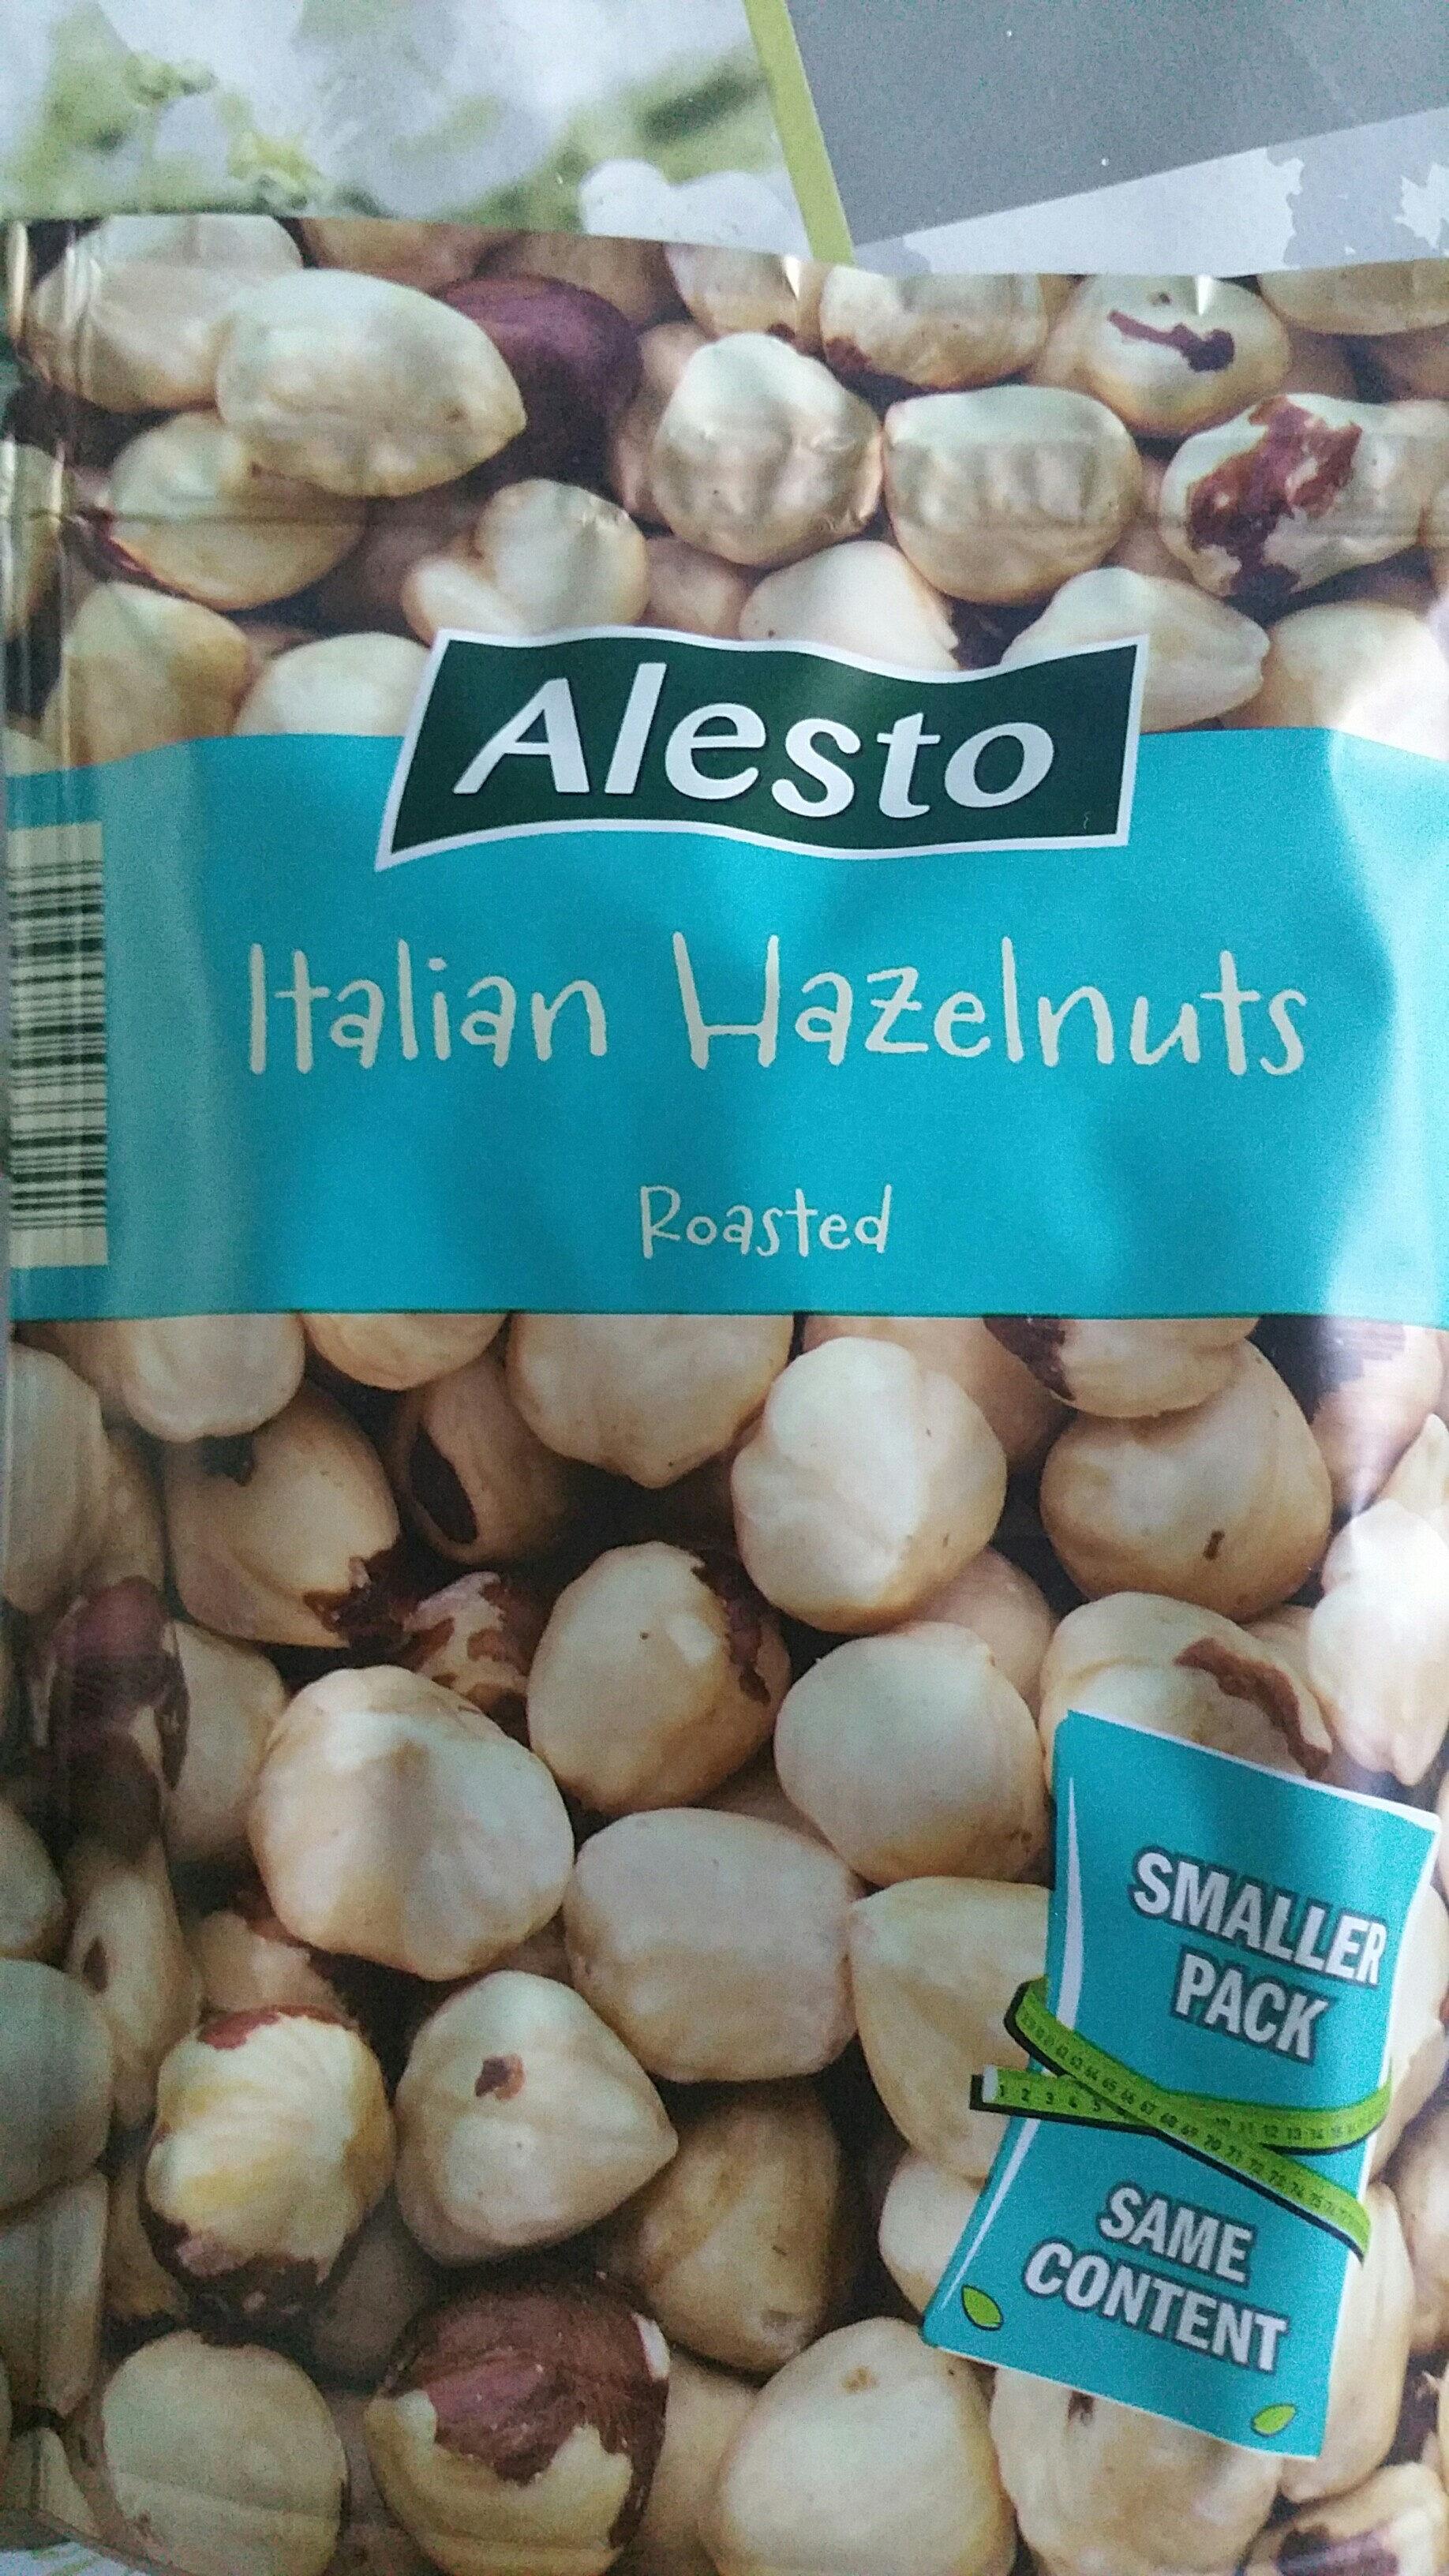 Italian hazelnuts - Product